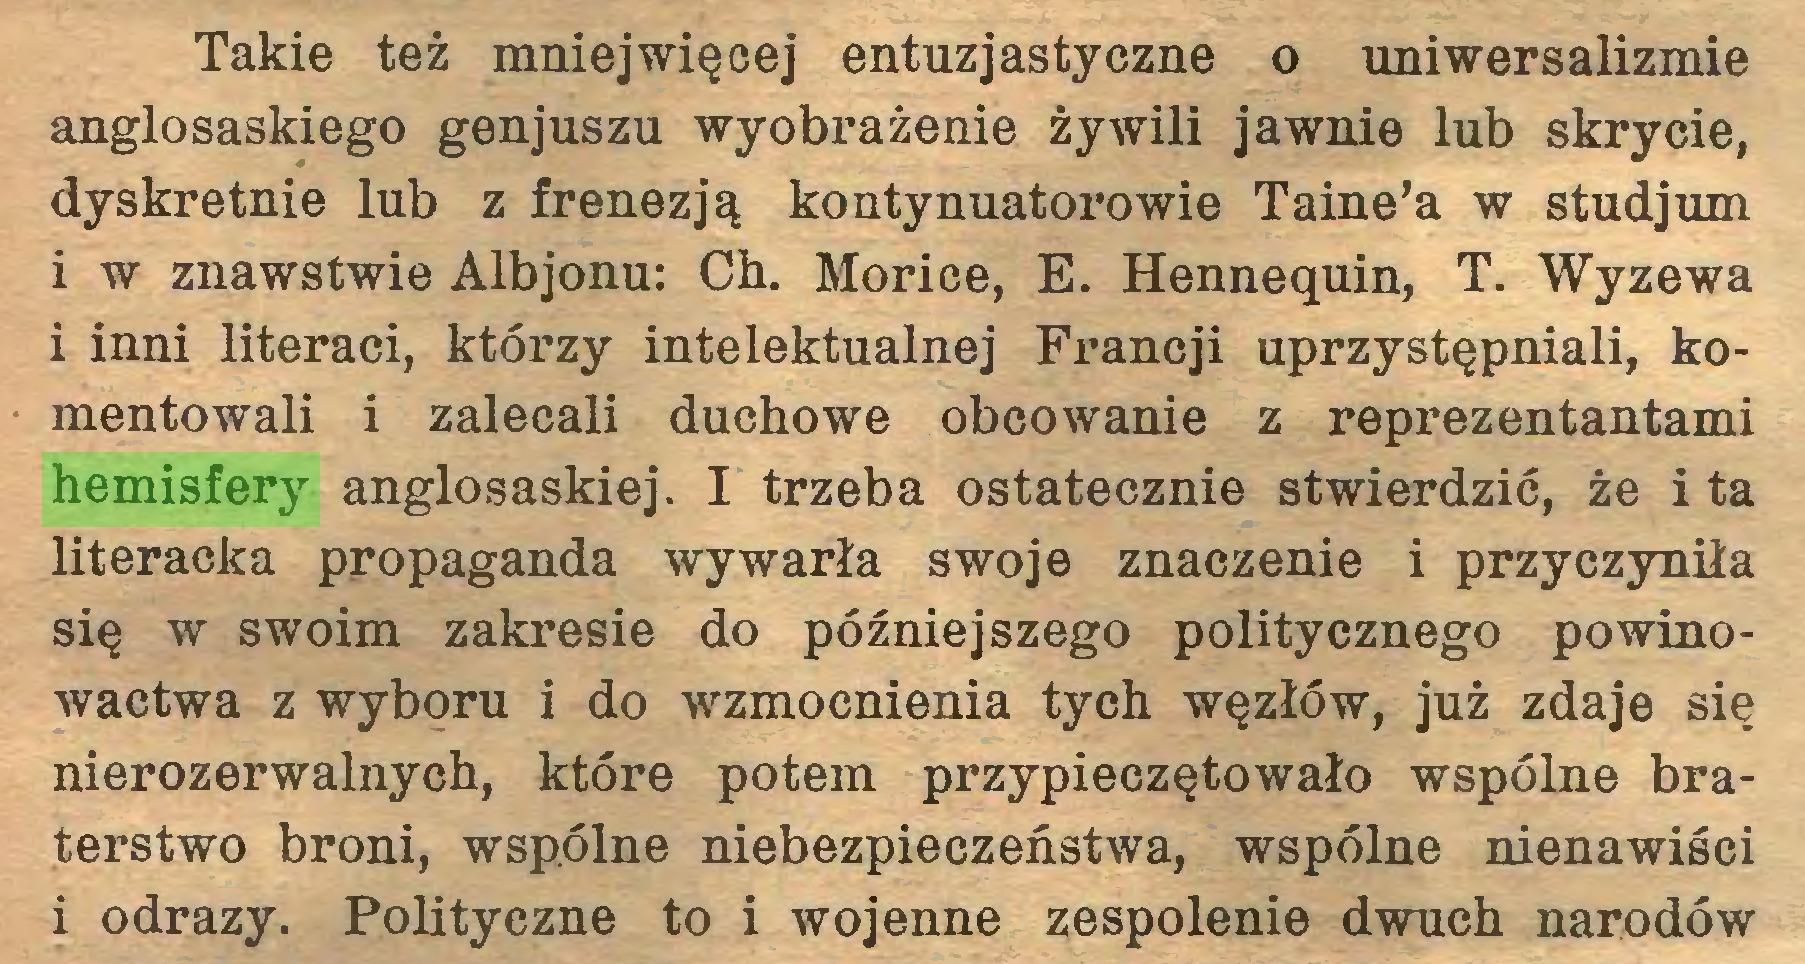 (...) Takie też mniejwięcej entuzjastyczne o uniwersalizmie anglosaskiego genjuszu wyobrażenie żywili jawnie lub skrycie, dyskretnie lub z frenezją kontynuator o wie Taine'a w studjum i w znawstwie Albjonu: Ch. Morice, E. Hennequin, T. Wyzewa i inni literaci, którzy intelektualnej Francji uprzystępniali, komentowali i zalecali duchowe obcowanie z reprezentantami hemisfery anglosaskiej. I trzeba ostatecznie stwierdzić, że i ta literacka propaganda wywarła swoje znaczenie i przyczyniła się w swoim zakresie do późniejszego politycznego powinowactwa z wyboru i do wzmocnienia tych węzłów, już zdaje się nierozerwalnych, które potem przypieczętowało wspólne braterstwo broni, wspólne niebezpieczeństwa, wspólne nienawiści i odrazy. Polityczne to i wojenne zespolenie dwuch narodów...